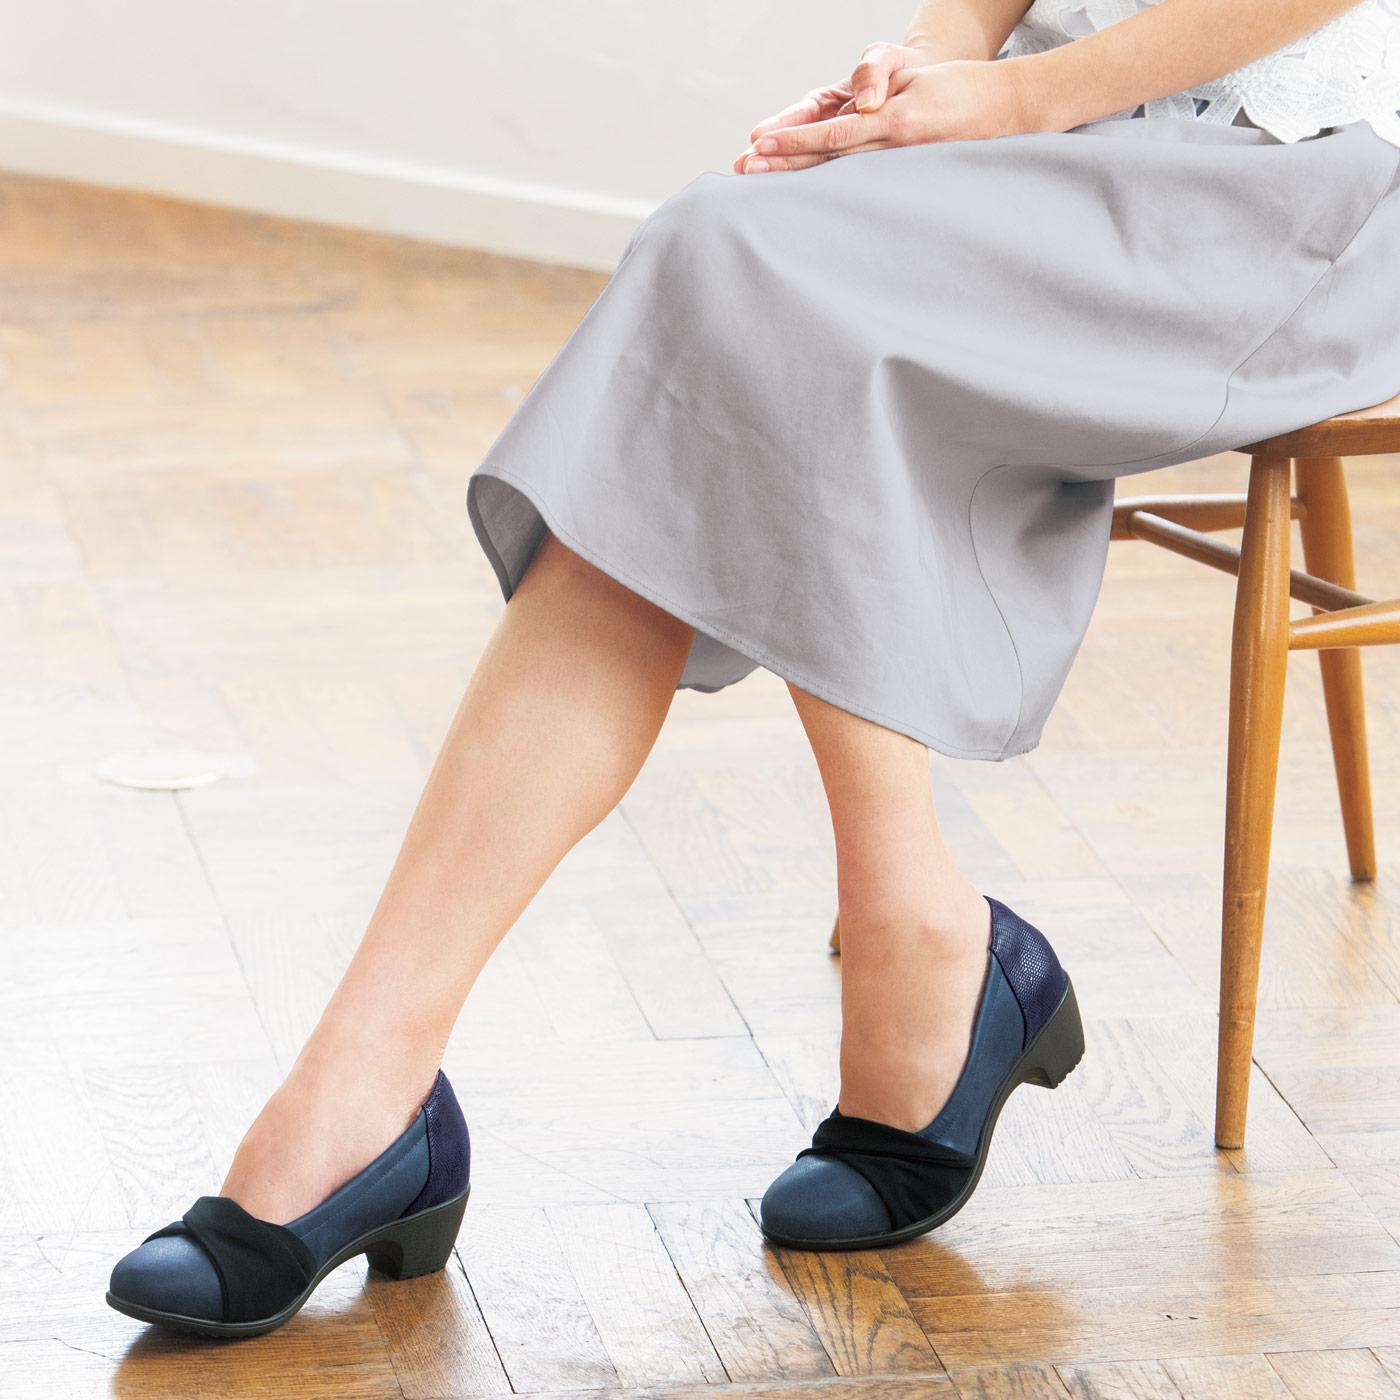 黒いリボンでキュッと引き締め、小足に見せる大人かわいいデザイン。